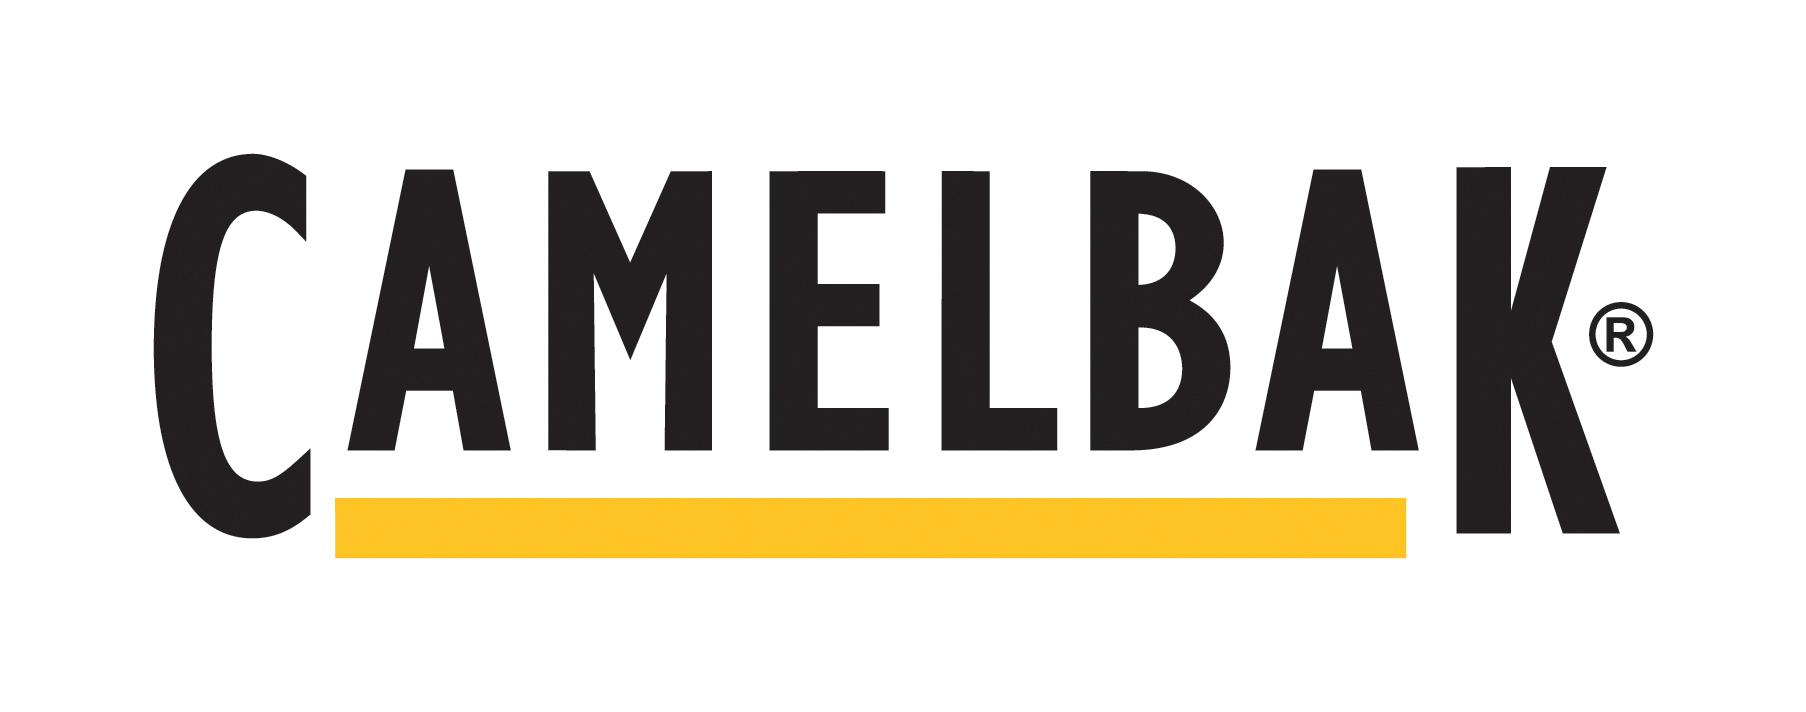 camelbak-logo.jpeg